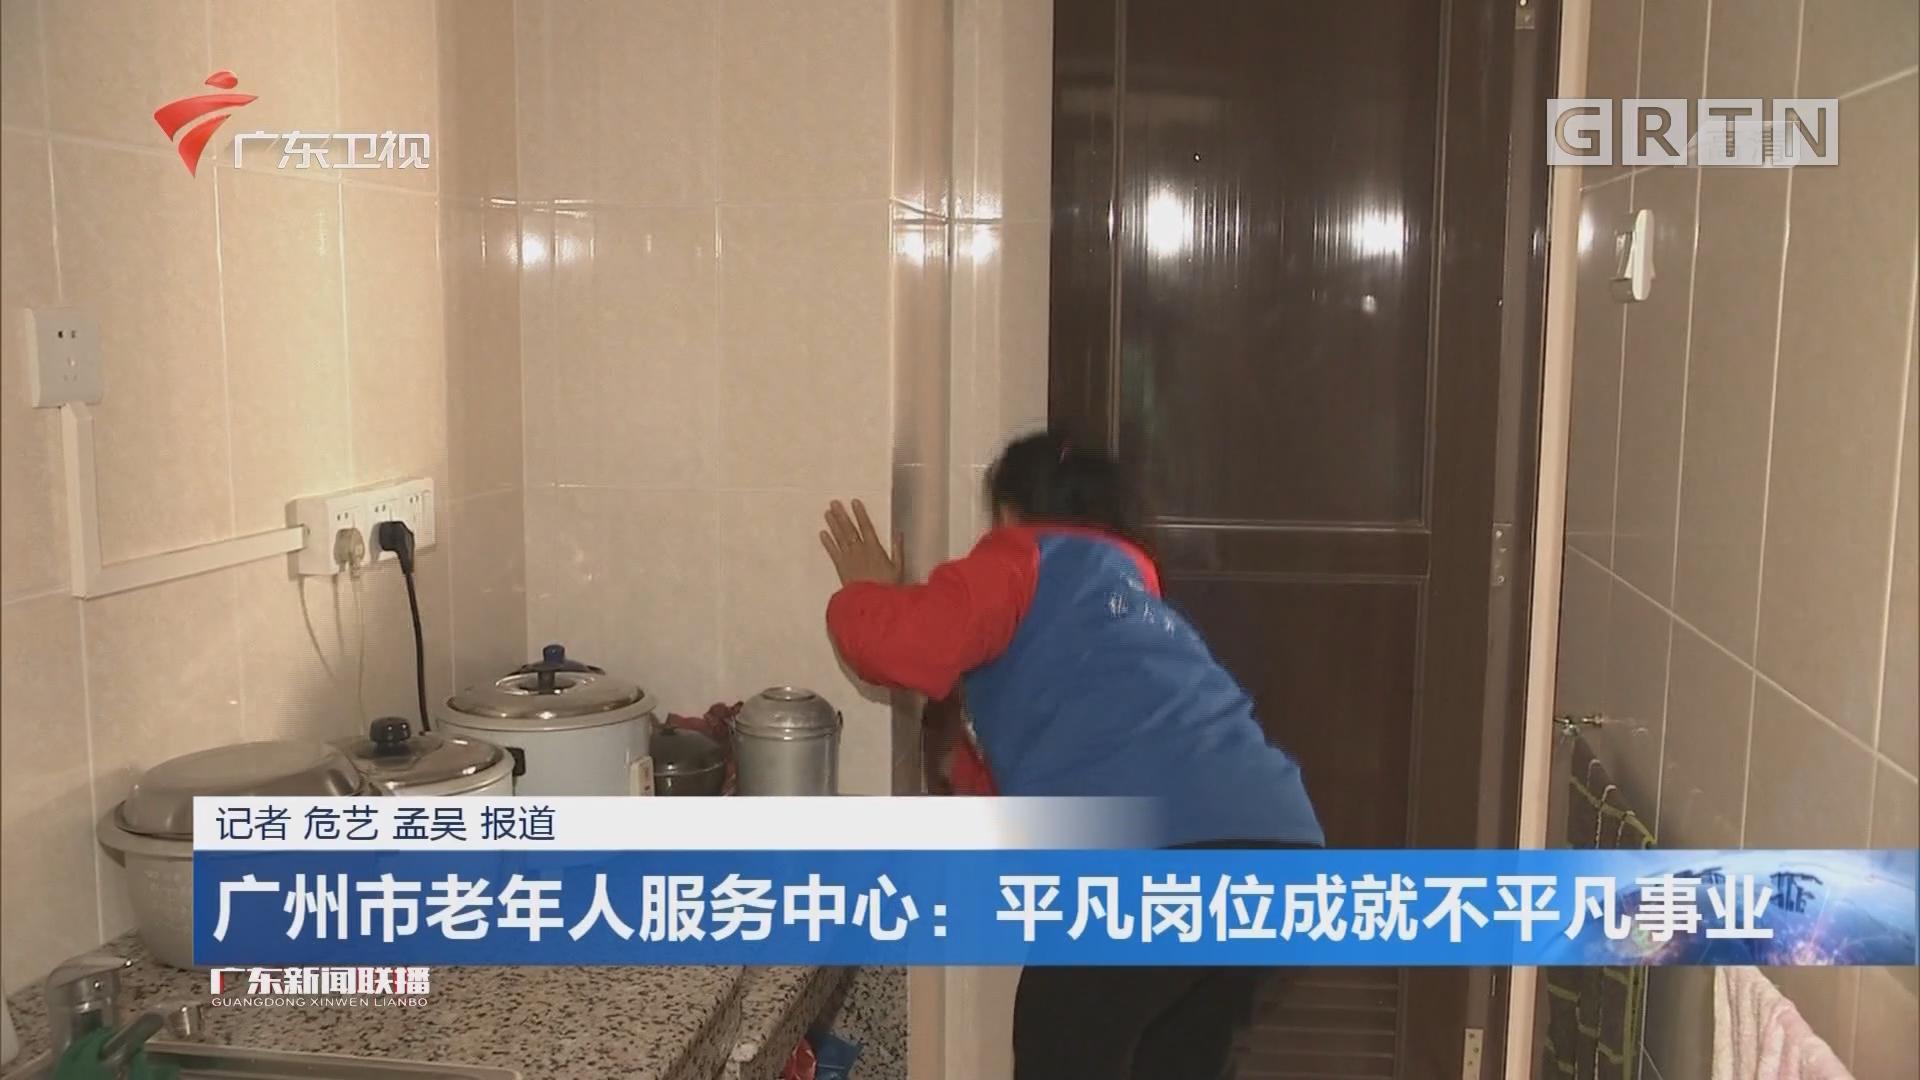 广州市老年人服务中心:平凡岗位成就不平凡事业